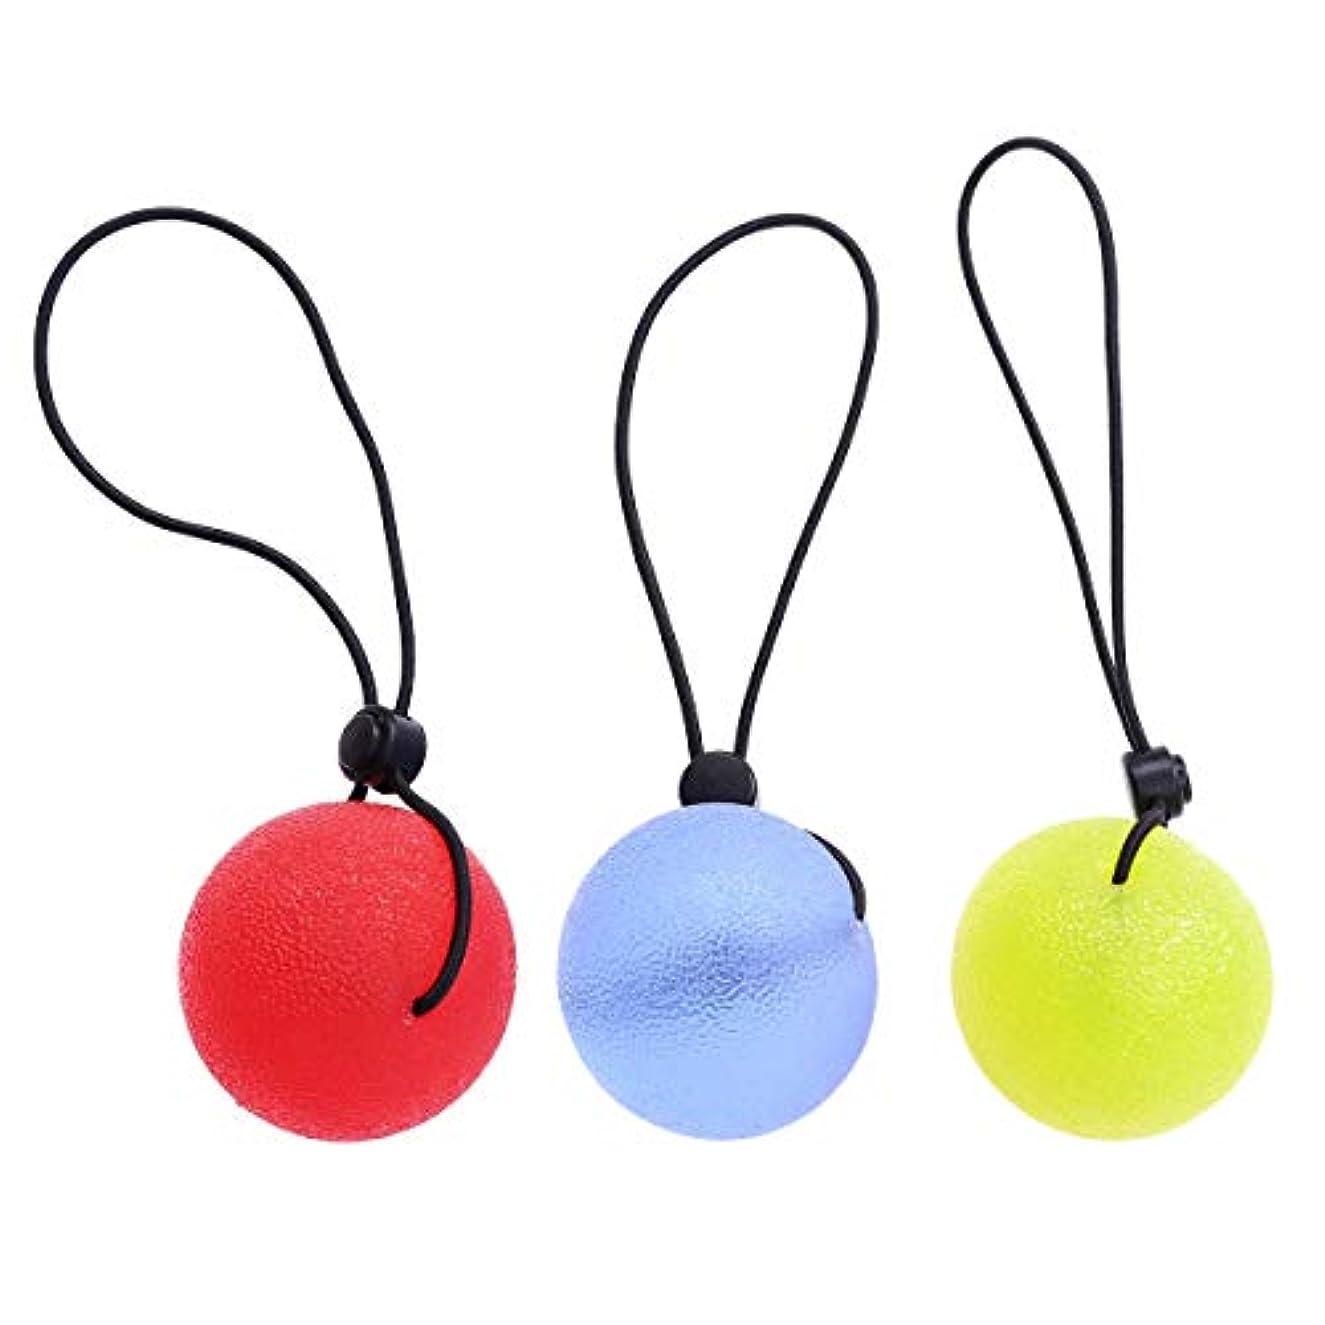 配管定義推進SUPVOX 3個シリコーングリップボールハンドエクササイズボールハンドセラピー強化剤トレーナー